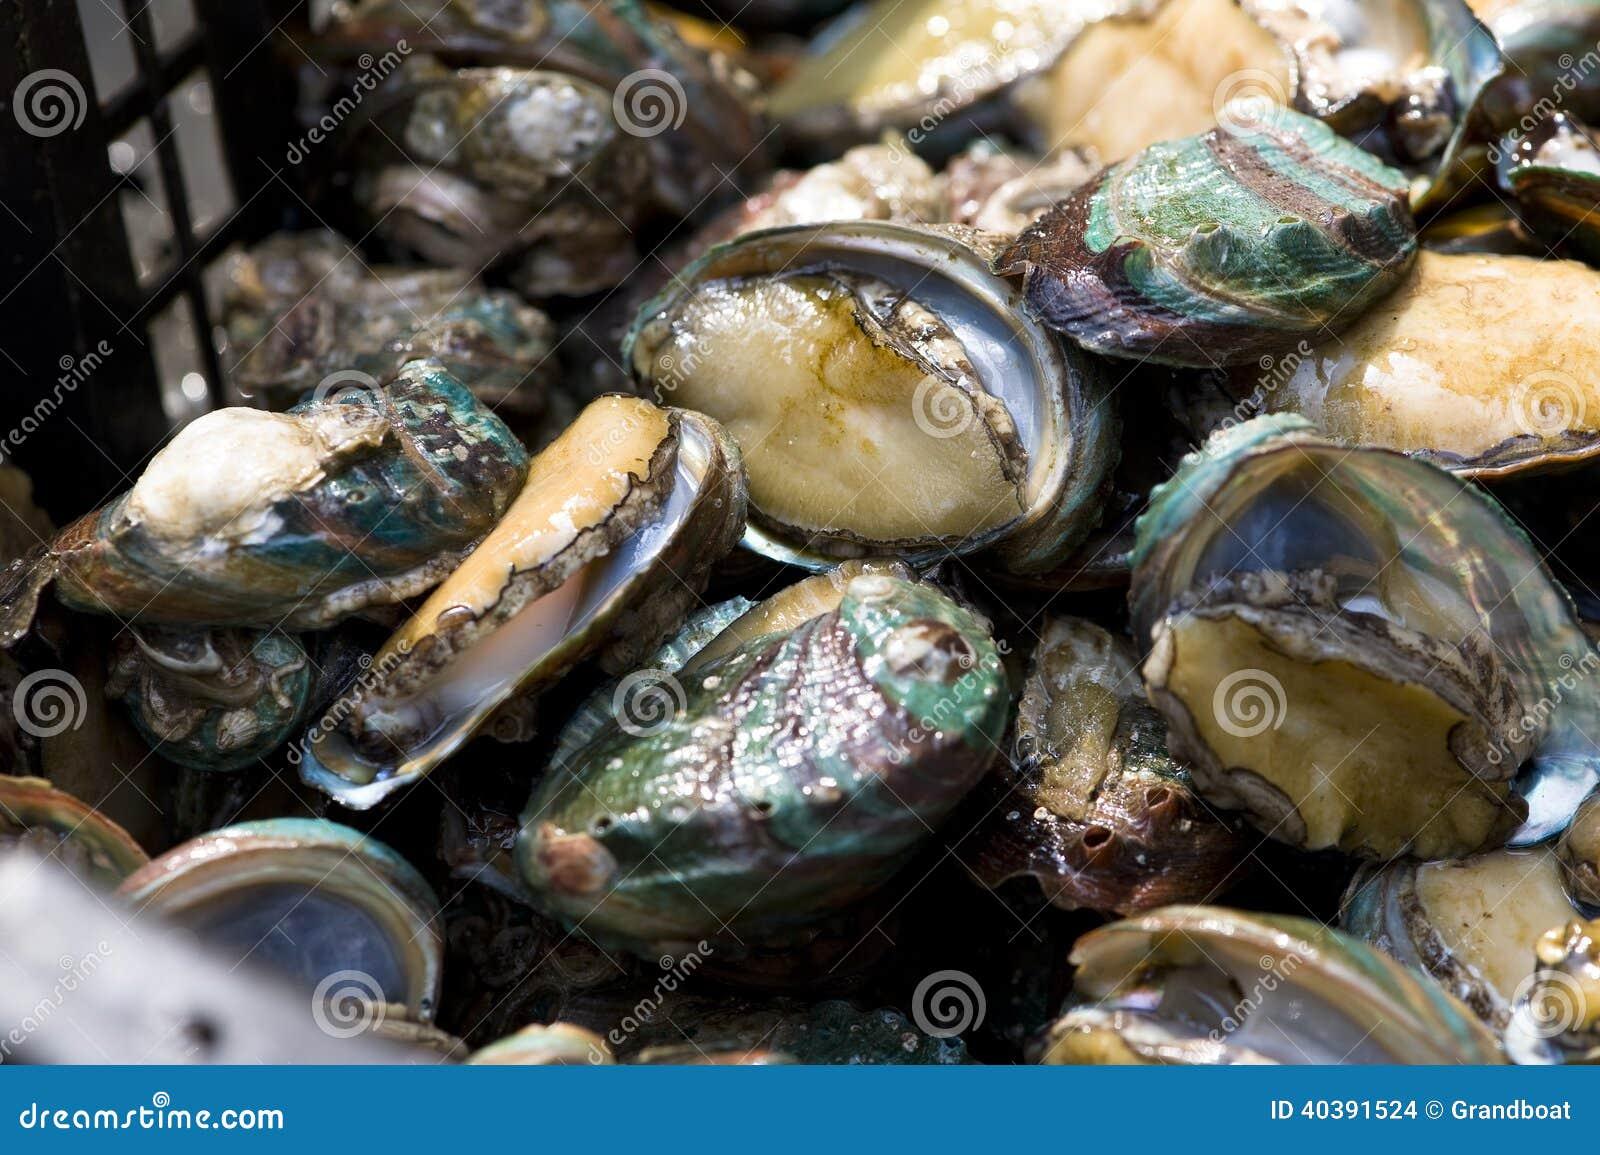 Aliotide nel mercato del prodotto acquatico